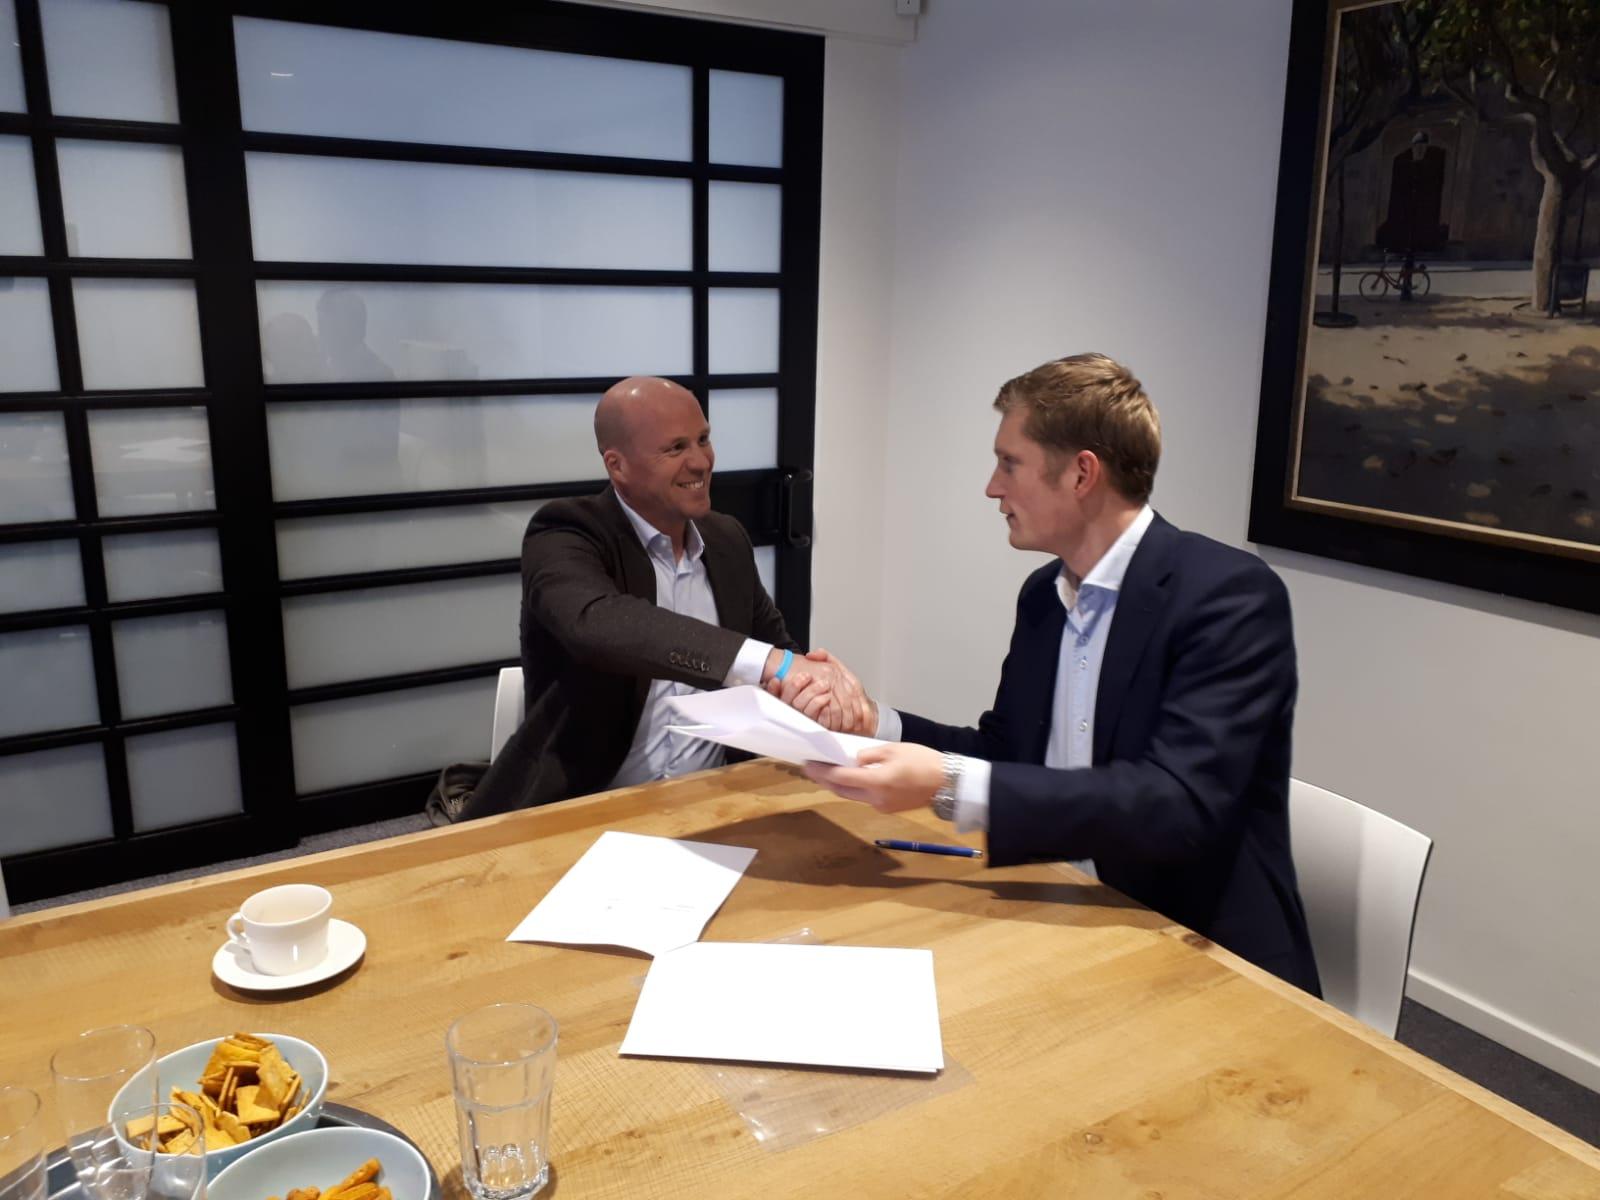 Nieuwe samenwerking tussen SportSupport en Spectrum Advocaten